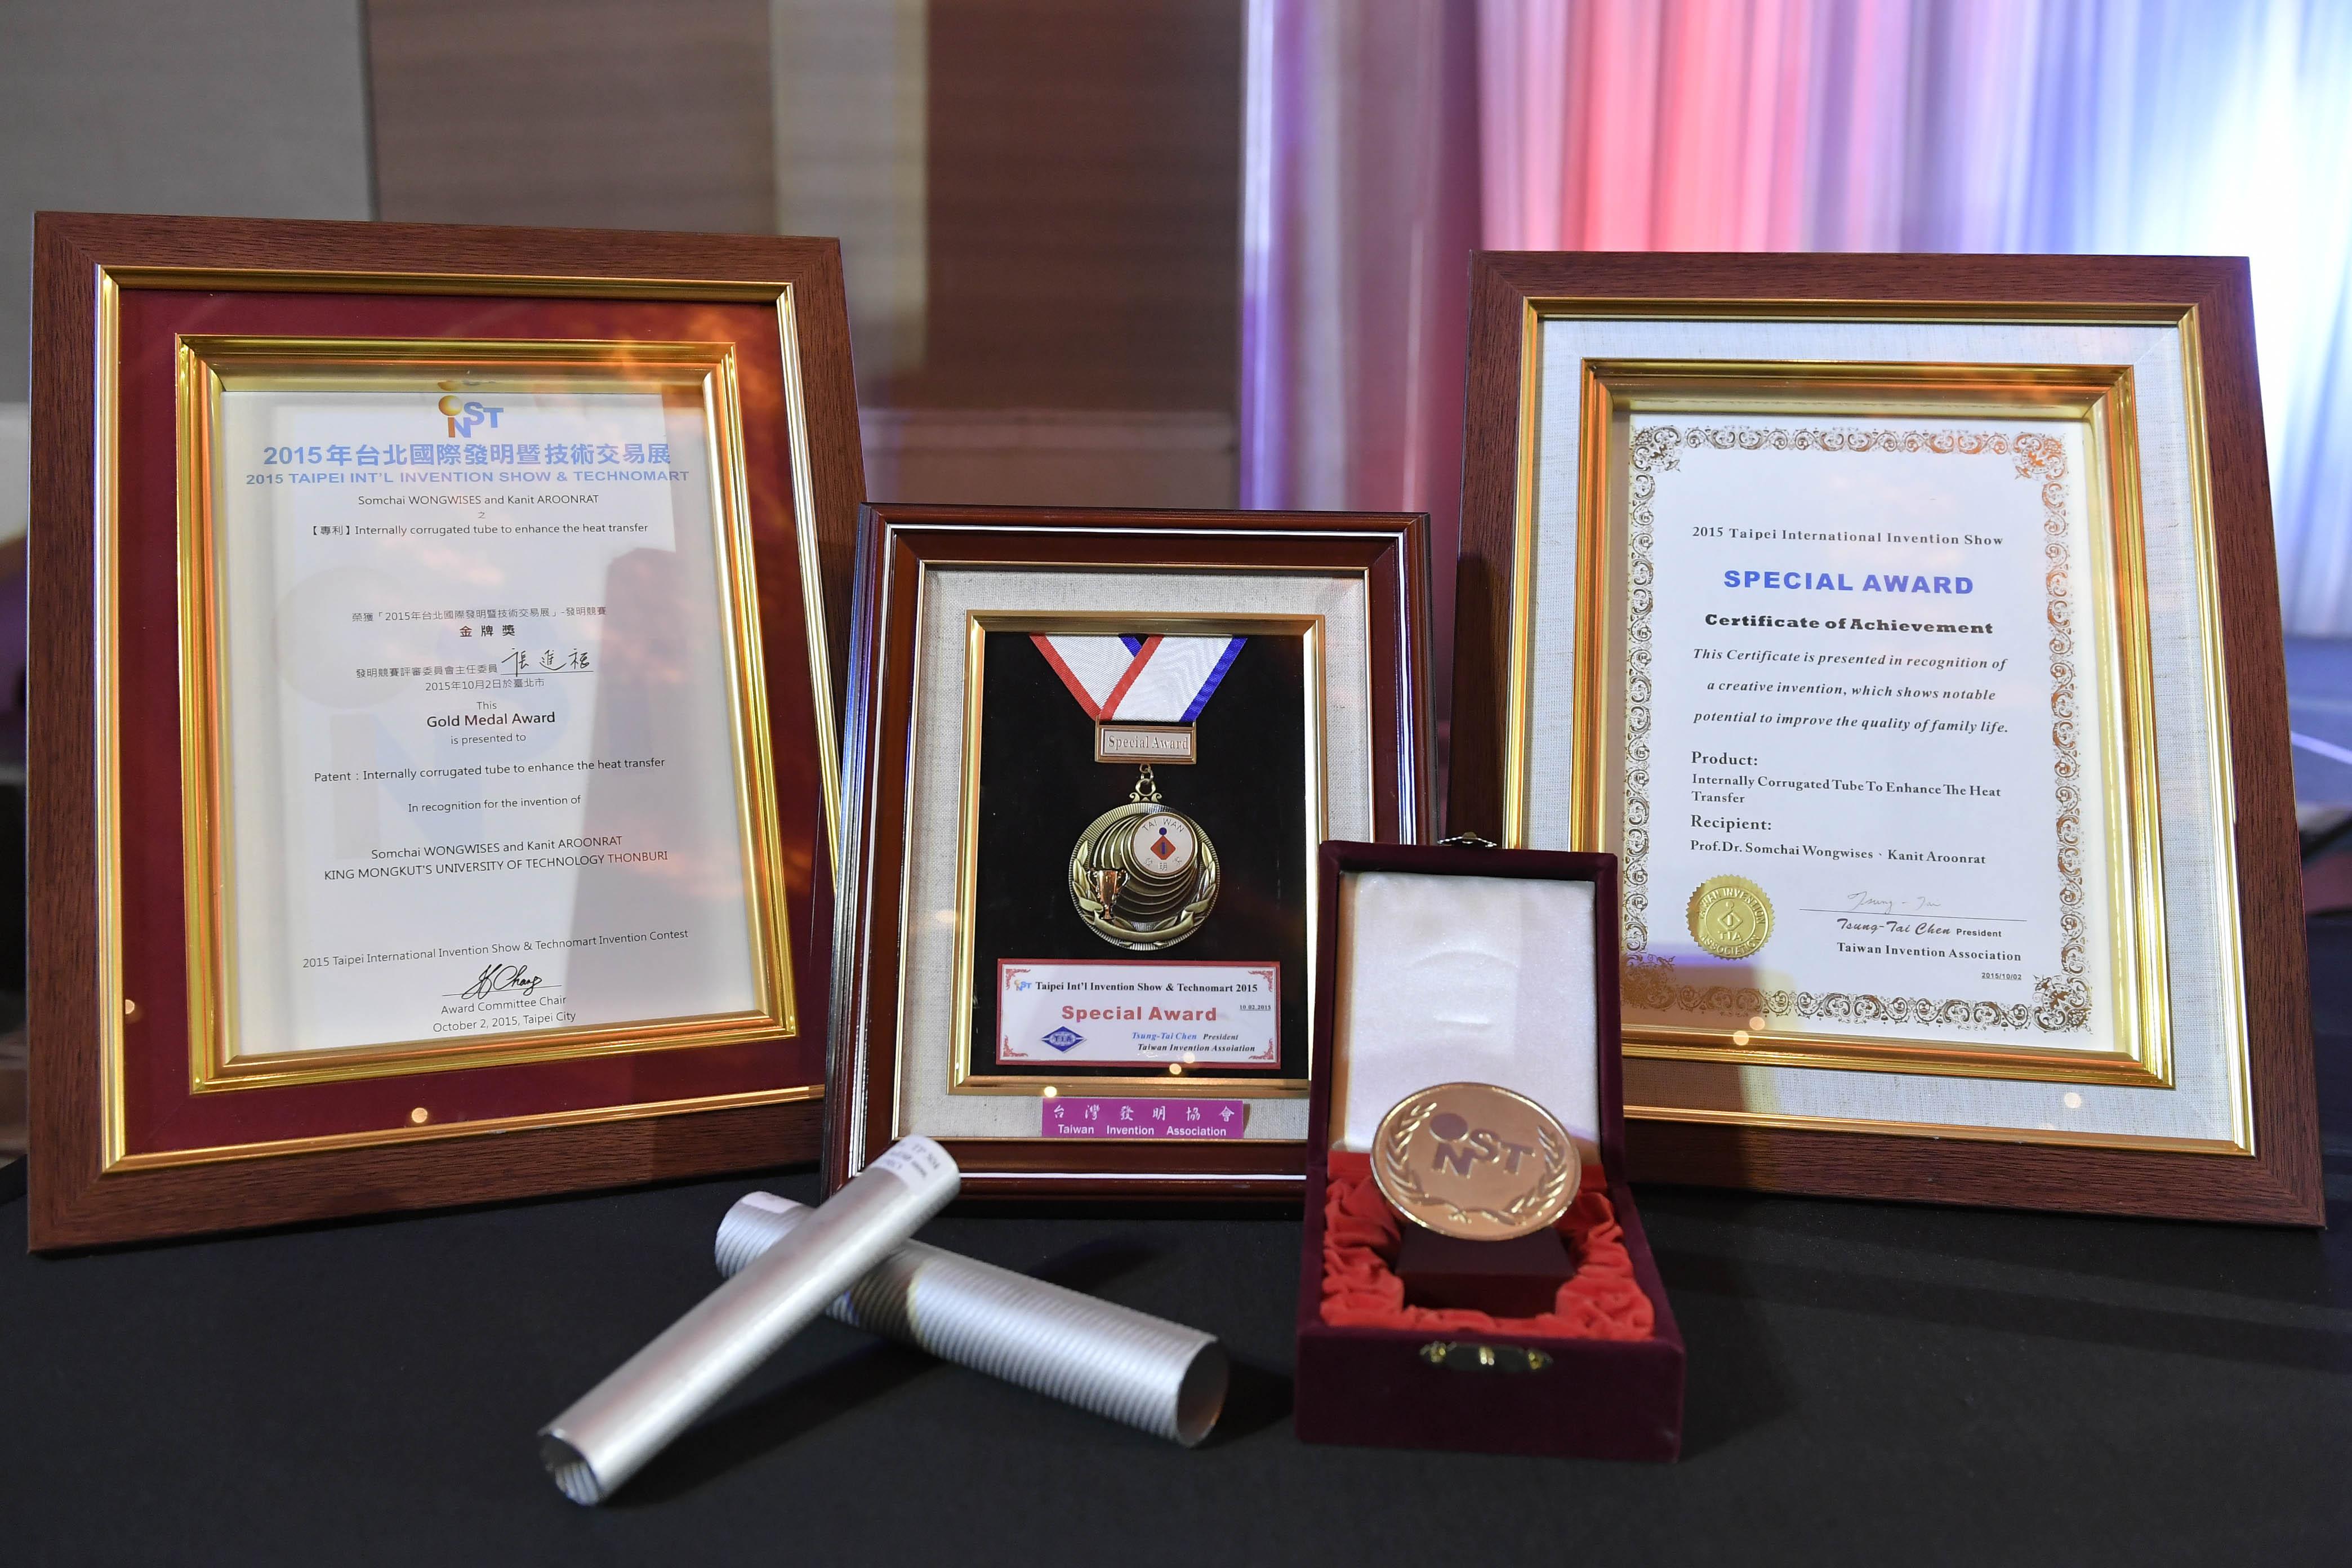 TGPRO ฝีมือคนไทยได้รางวัลระดับโลก